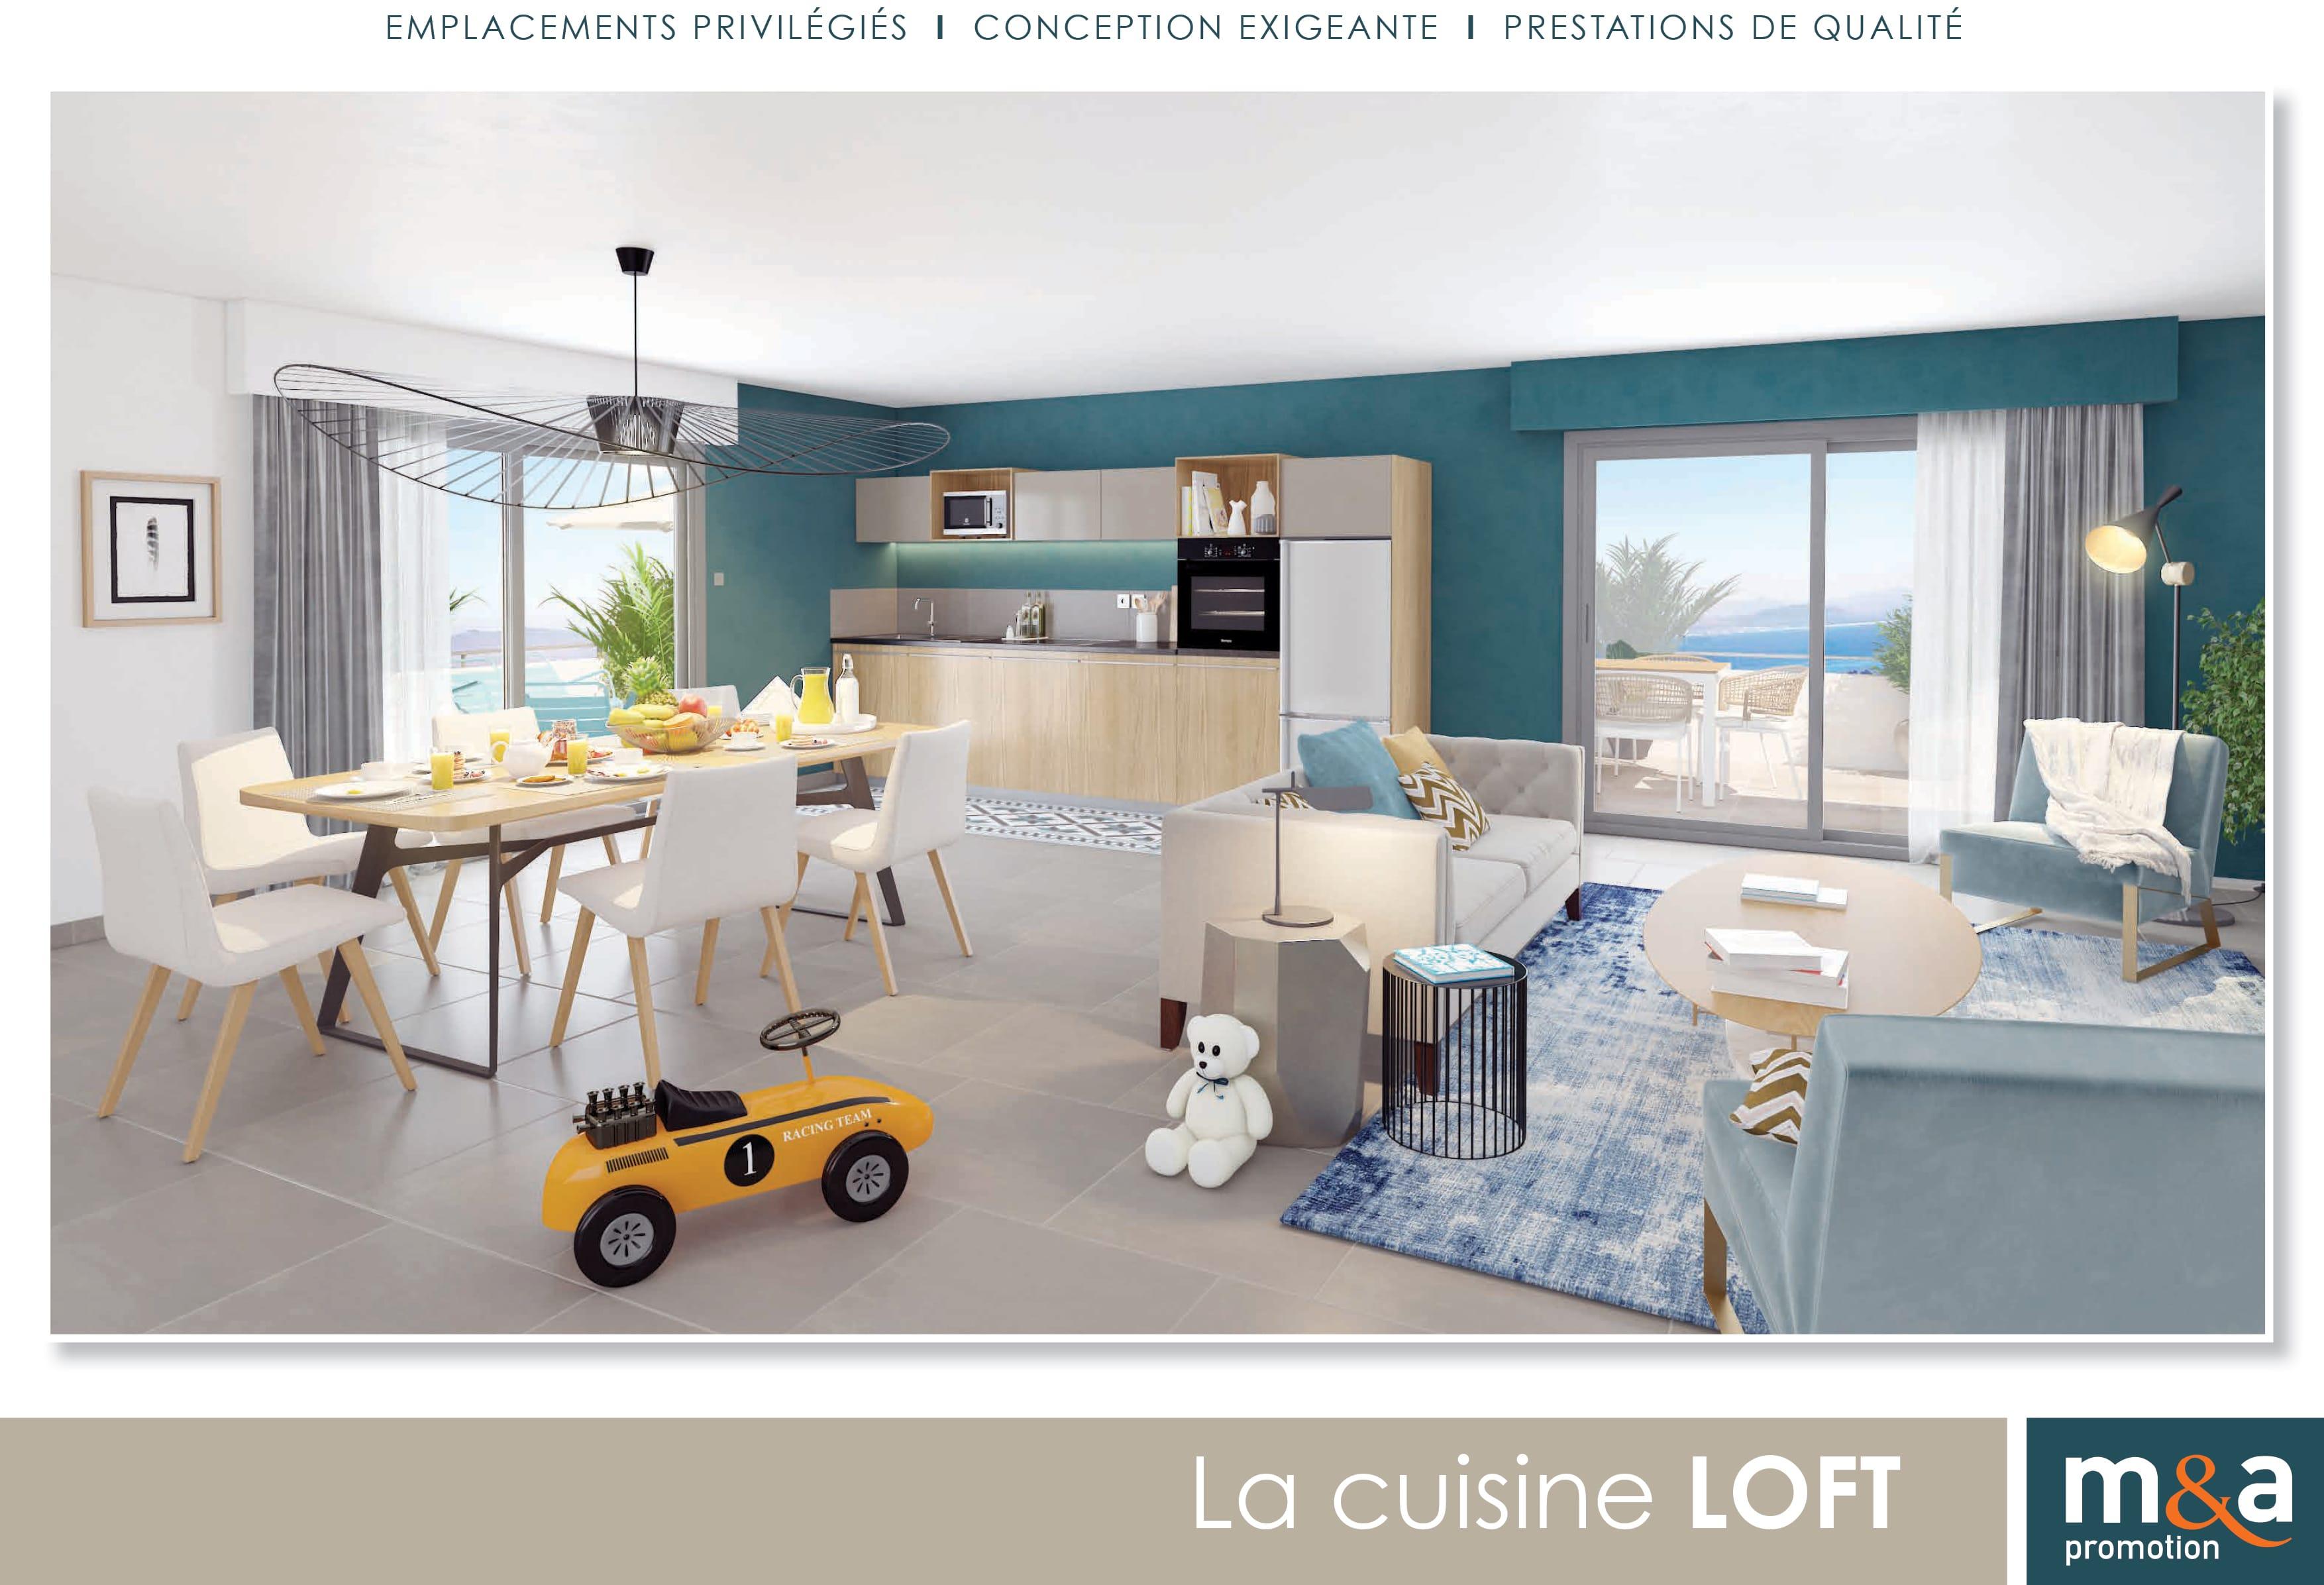 Cuisine LOFT Choix matériaux M&A promotion